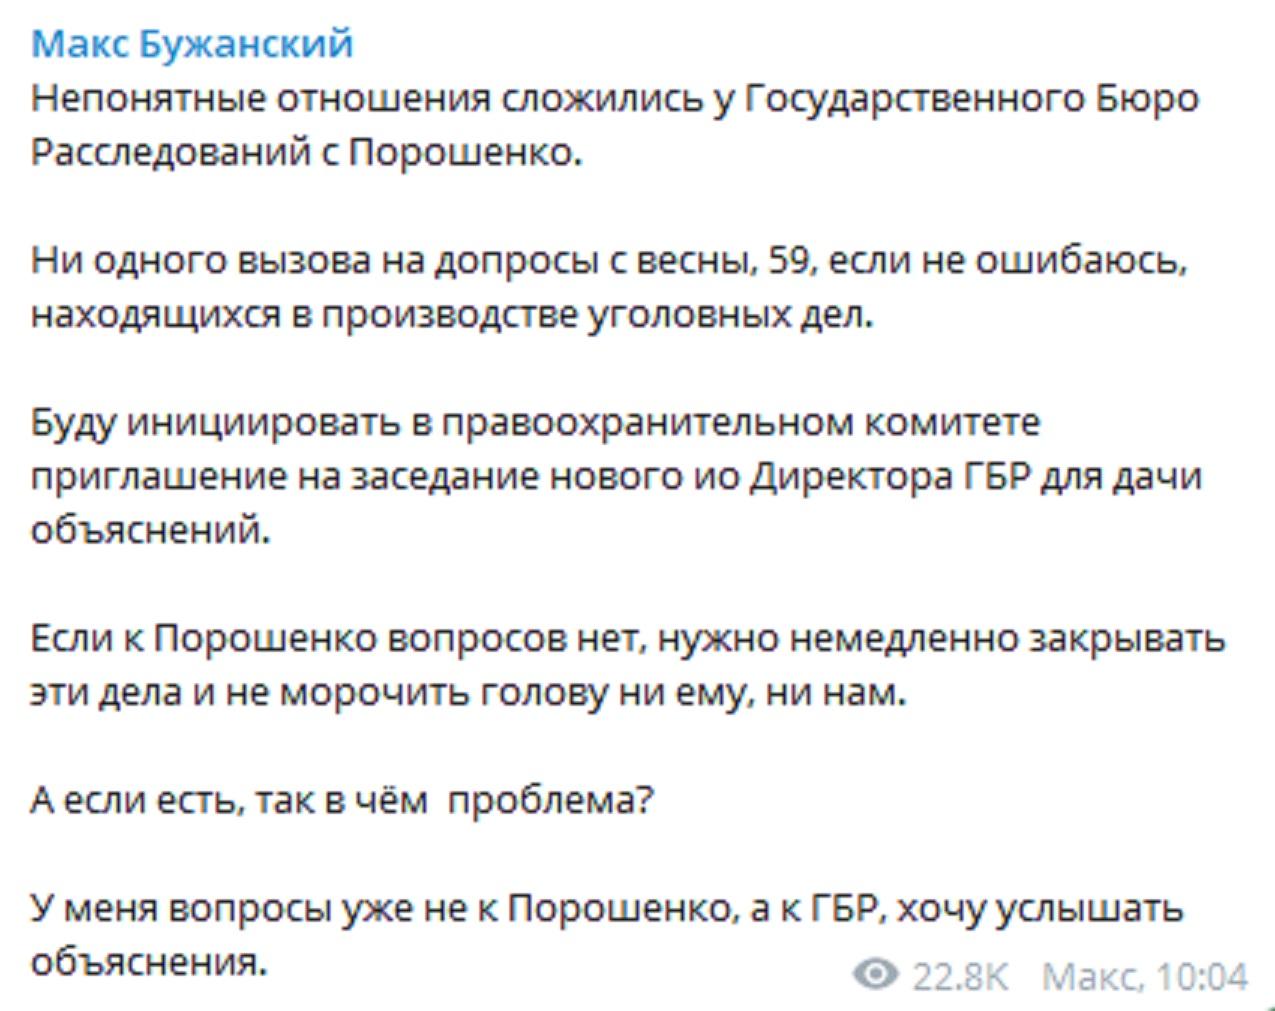 Еще одно. Против Порошенко завели уголовное дело — подробности - фото 1